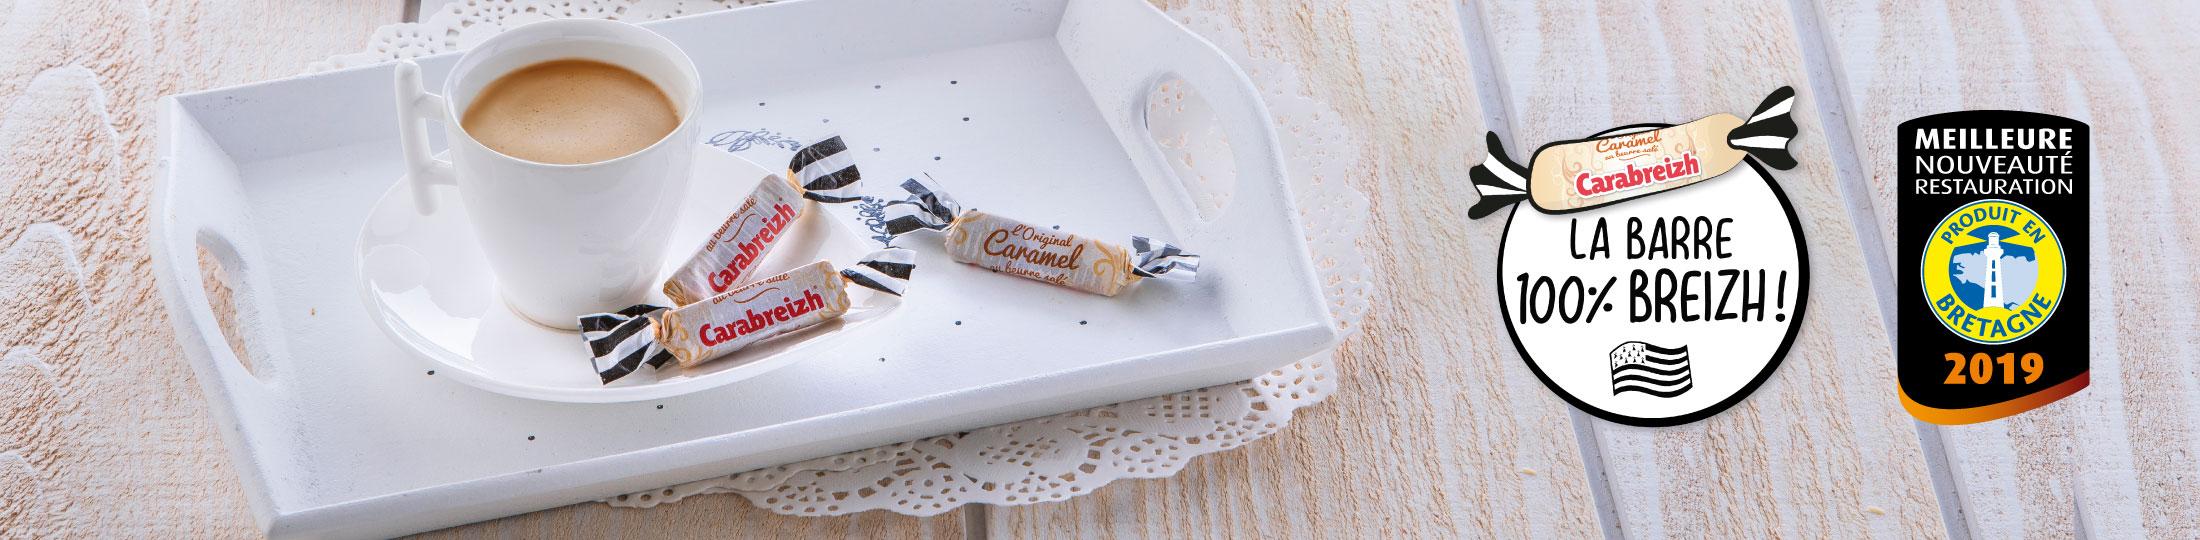 prix meilleure nouveauté 2019 caramel en barre